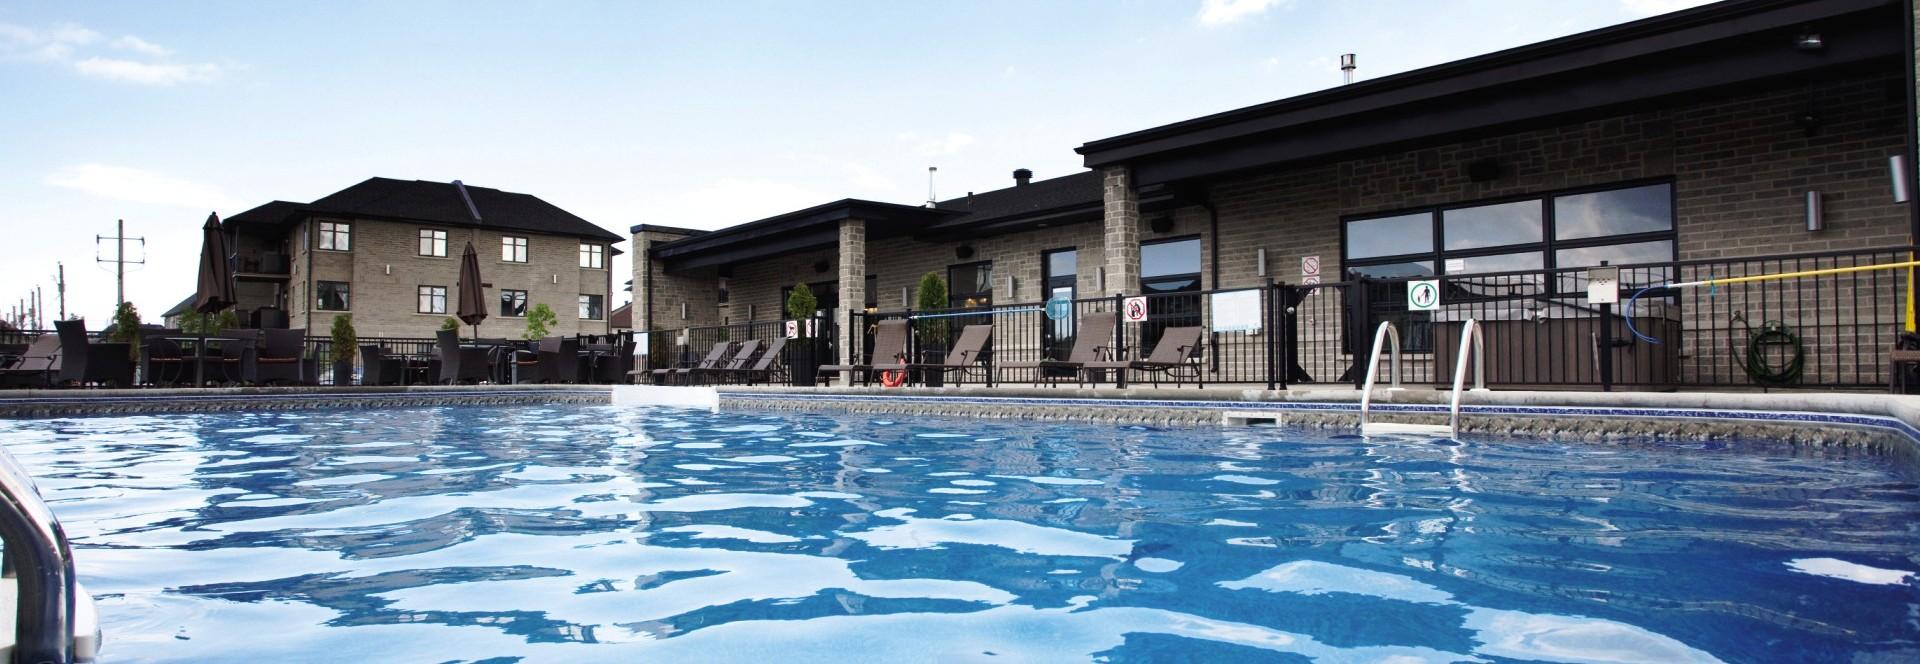 Services de location de condos du grand montr al - Club piscine laval heures d ouverture ...